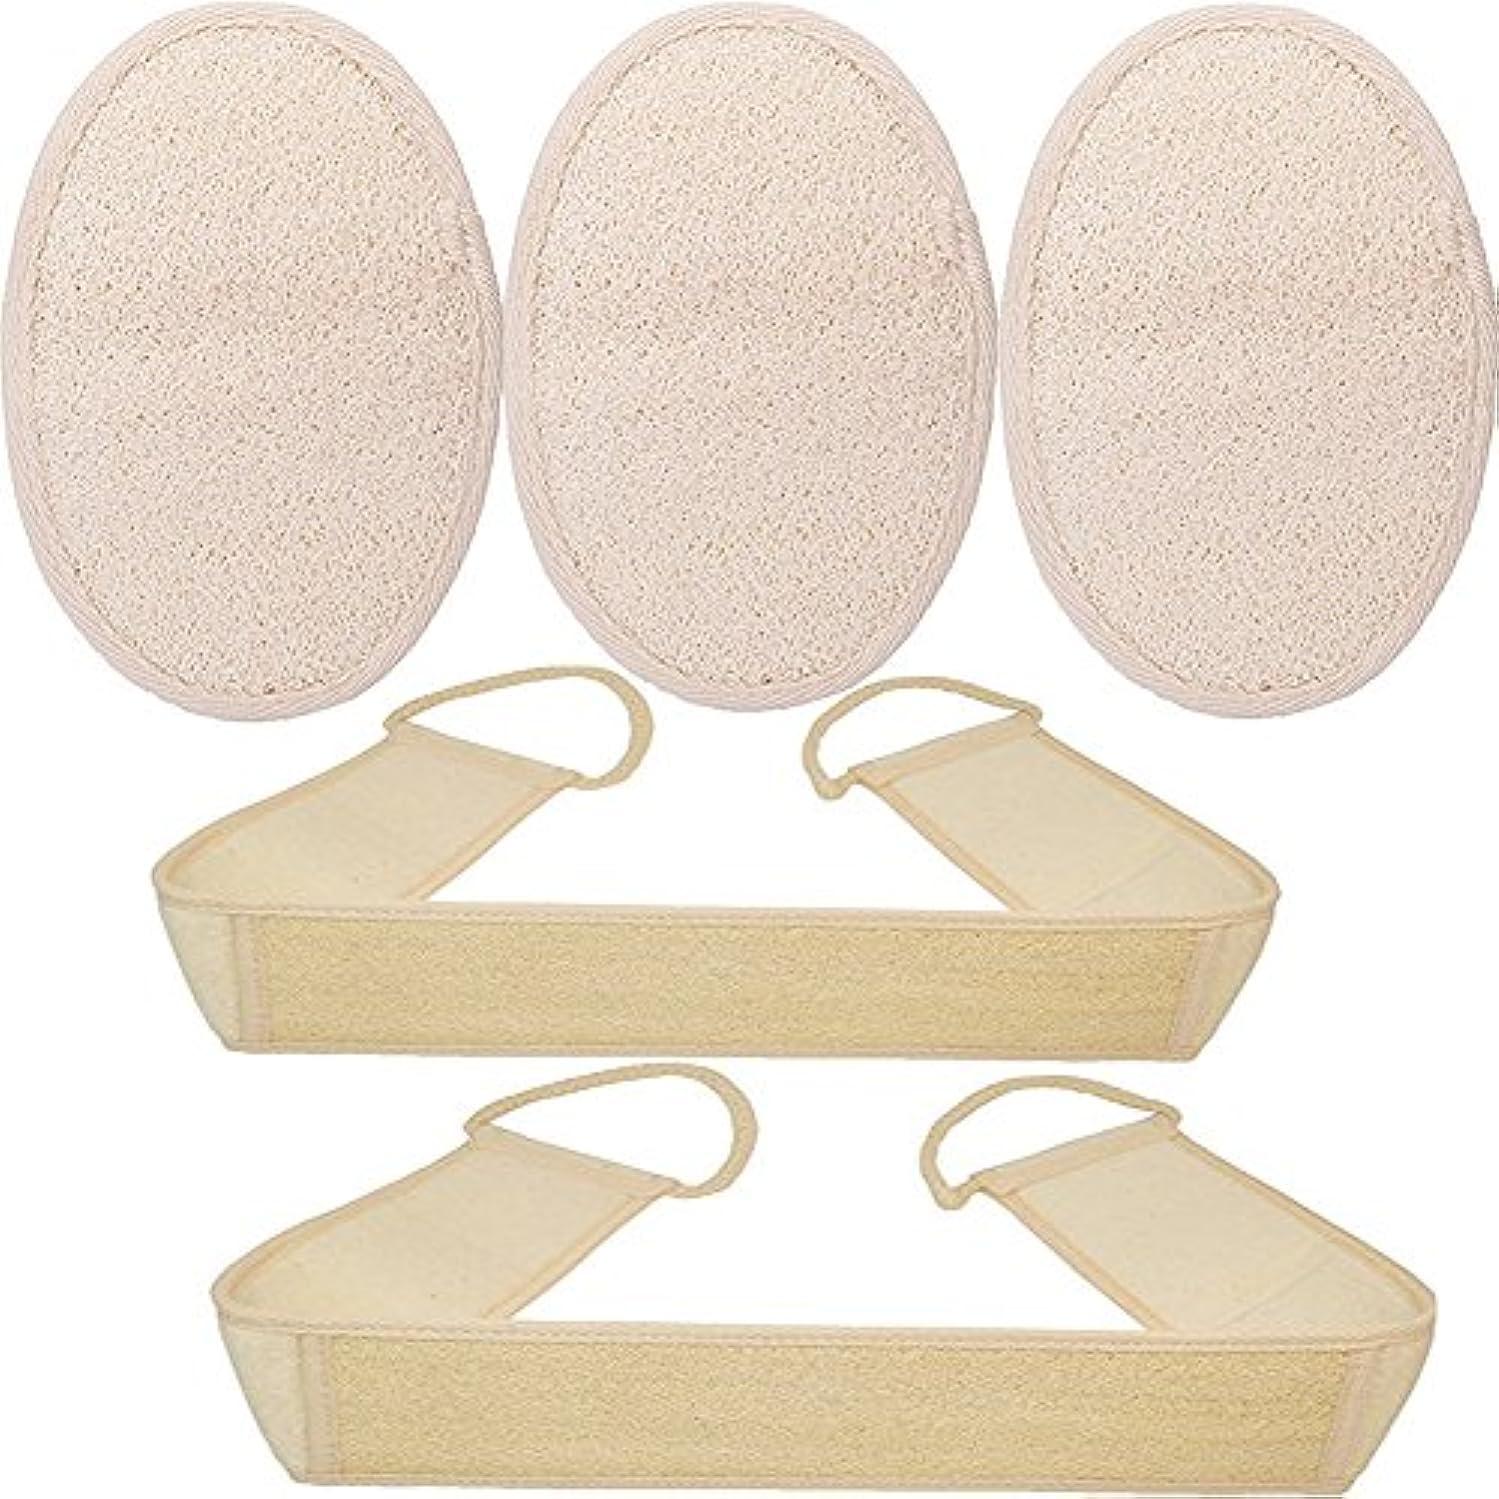 ダブル作る薄めるシャワー ベルト 天然ヘチマ お風呂用 背中も洗える 血行促進 角質除去 (SGP1-B-5PCS)